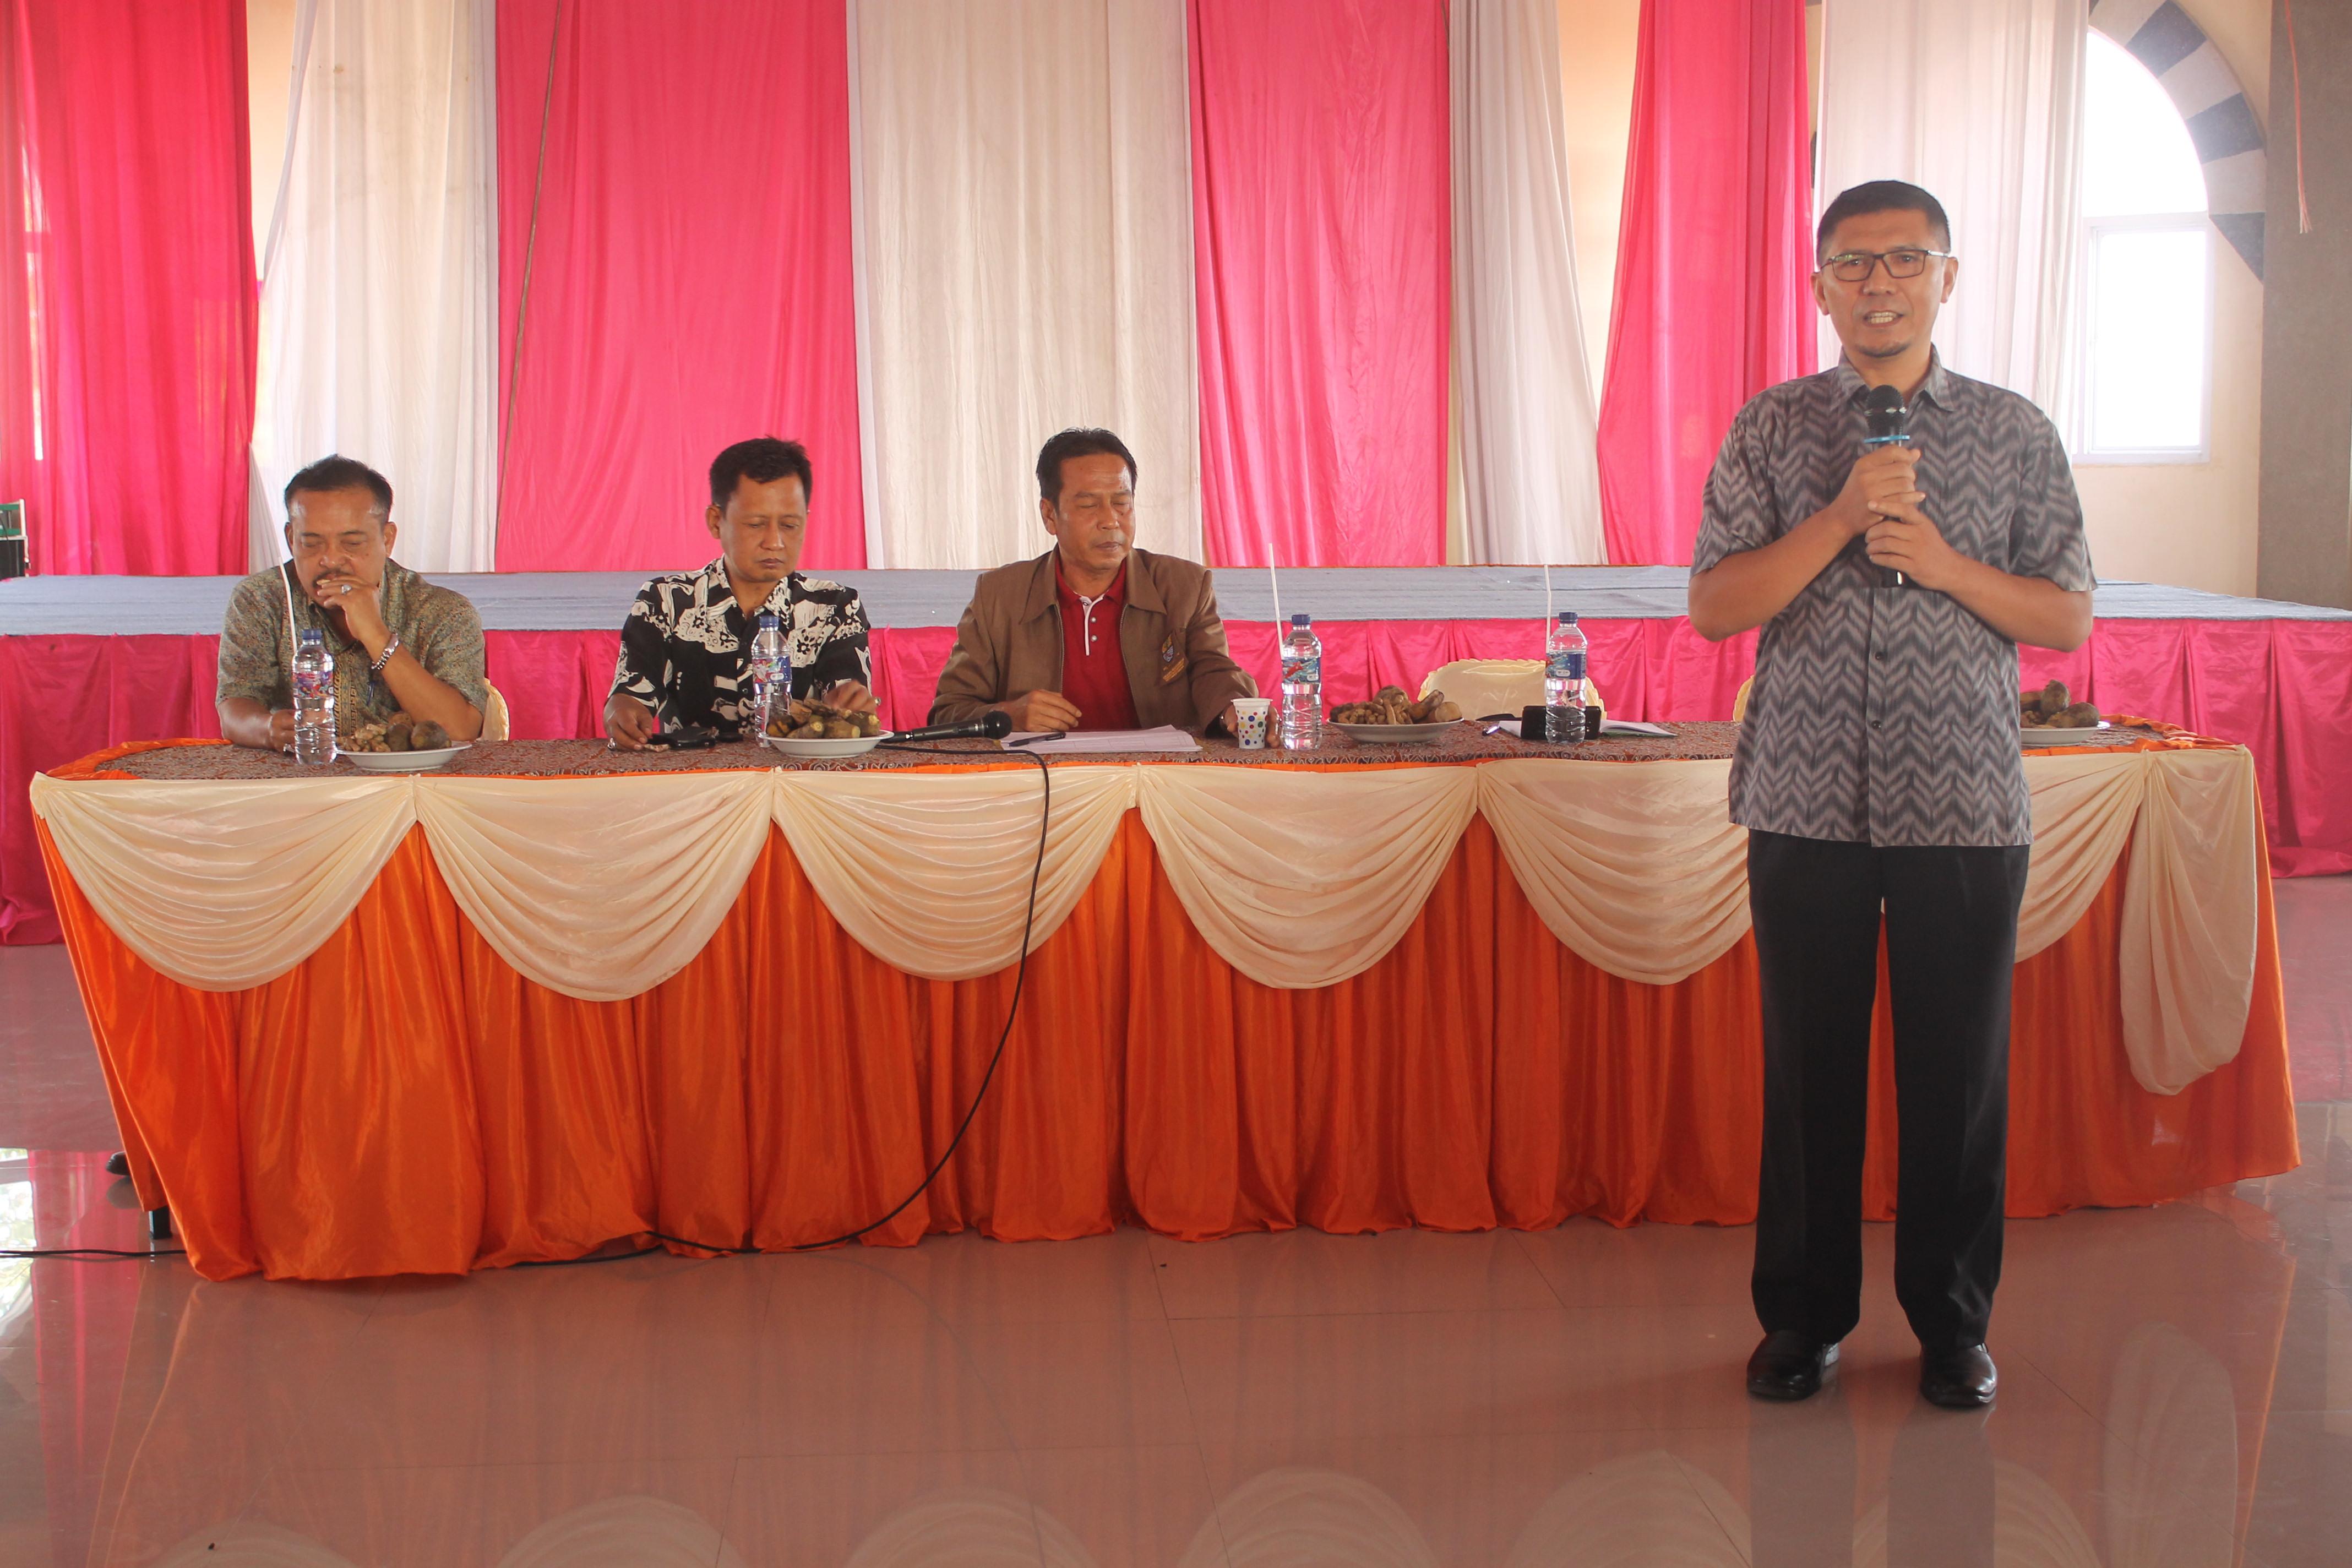 Pemaparan oleh pemateri tentang bahaya Narkoba dan HIV AIDS Untuk Masyarakat Kecamatan Harjamukti